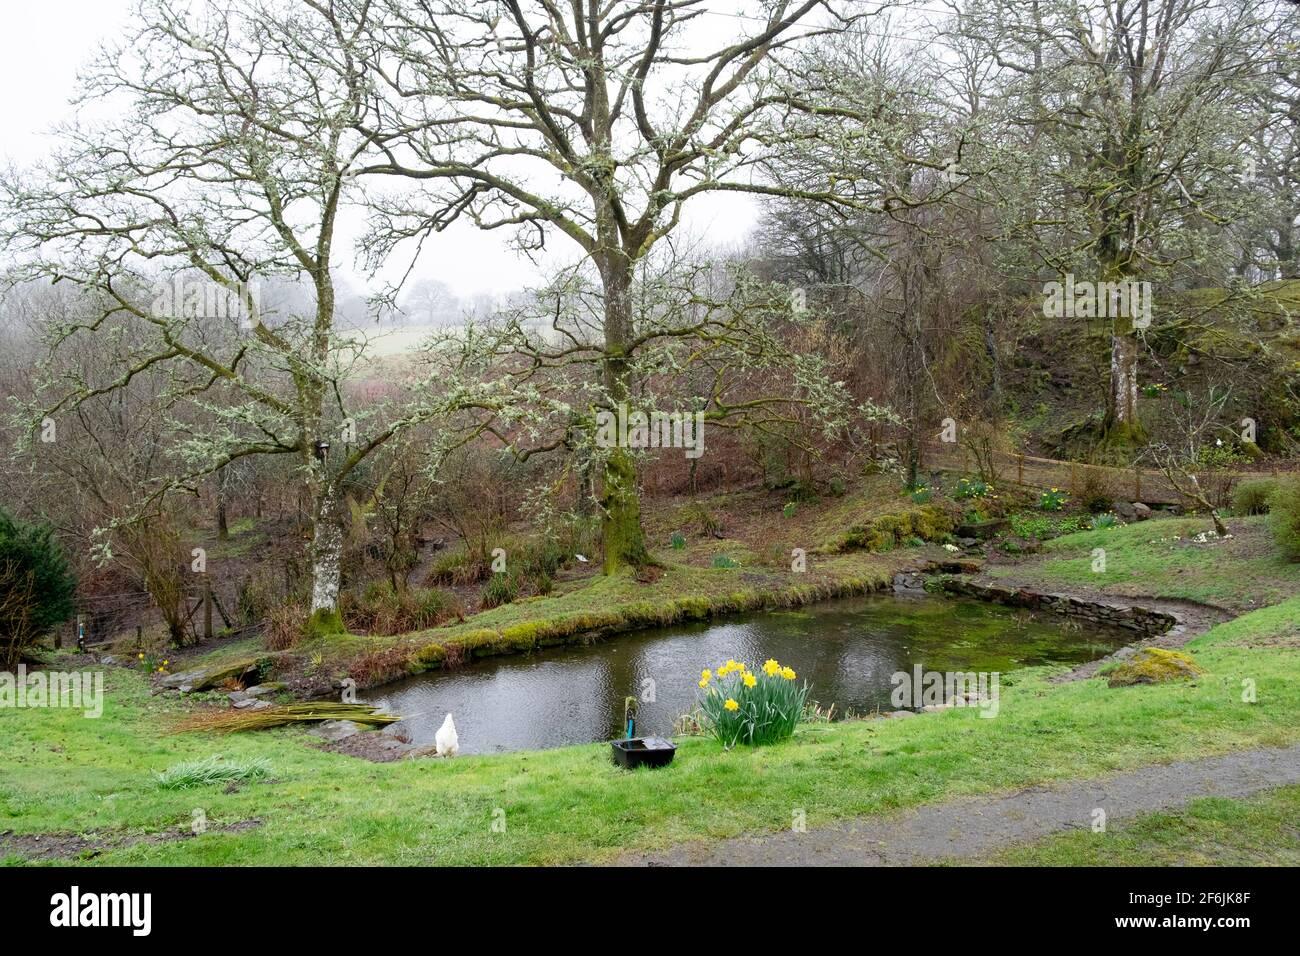 Giardino stagno piscina nel marzo 2021 nel paesaggio primaverile con grumo di narcisi e lichene su querce in Carmarthenshire Galles occidentale Regno Unito KATHY DEWITT Foto Stock